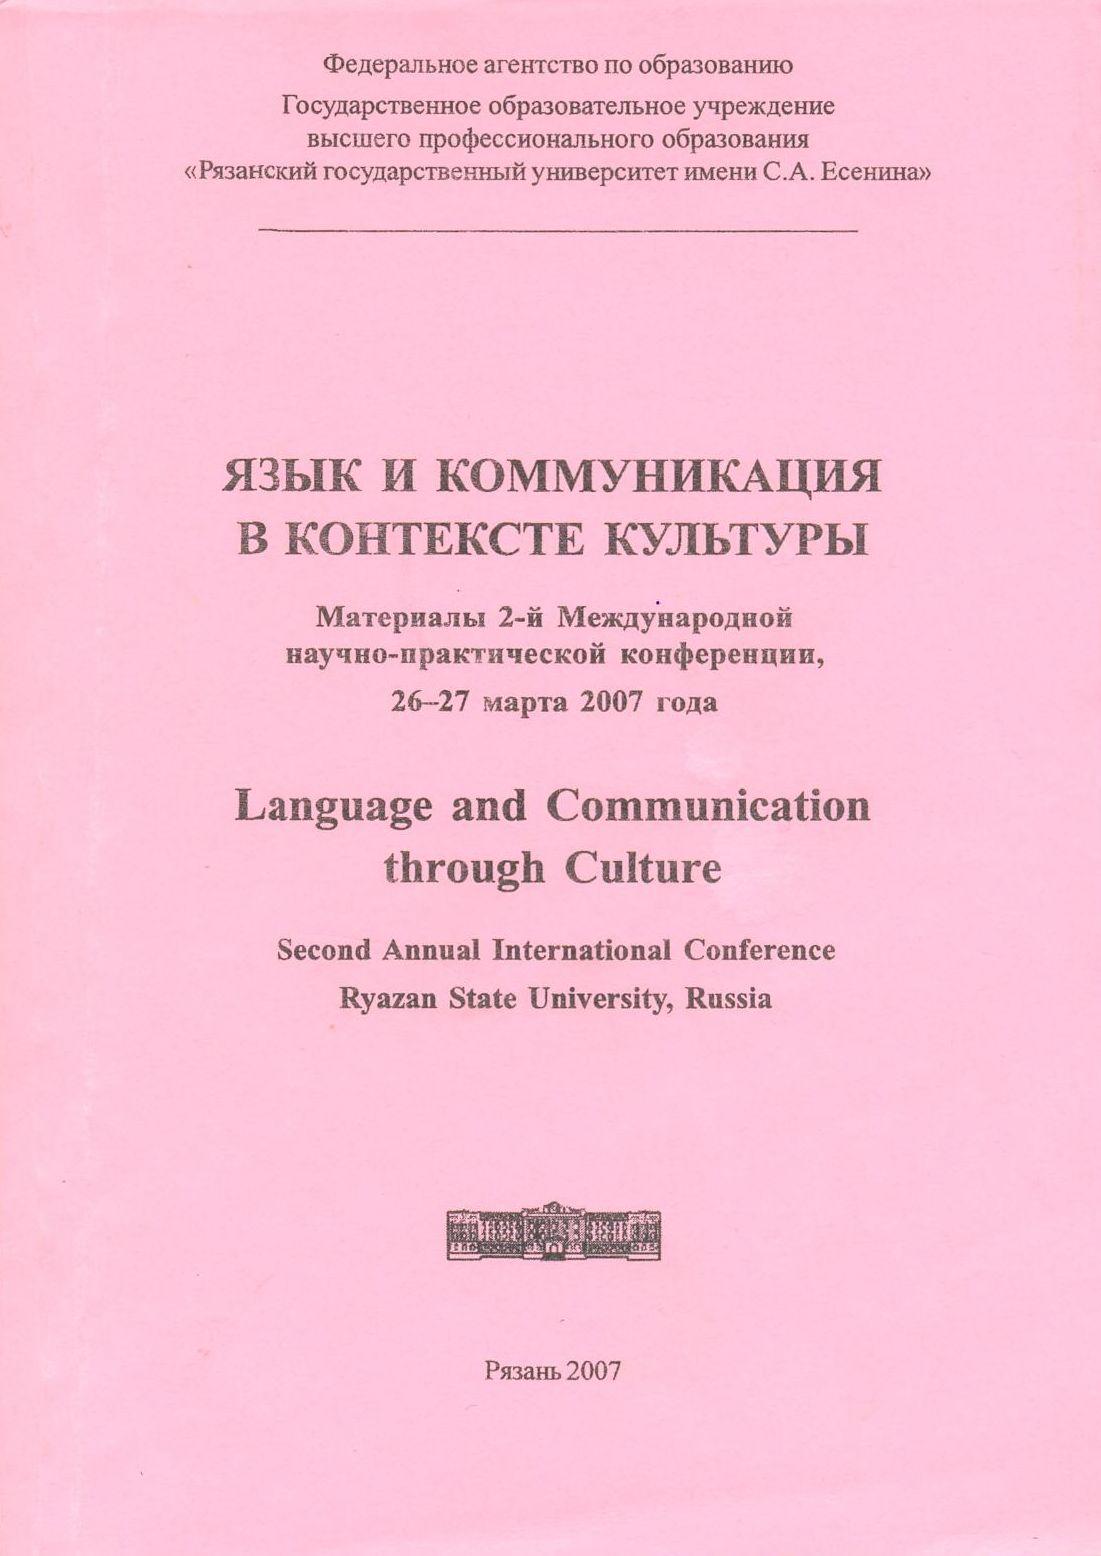 Концептуальное содержание языковых единиц со значением пространства в диахронии (на материале немецкого языка)